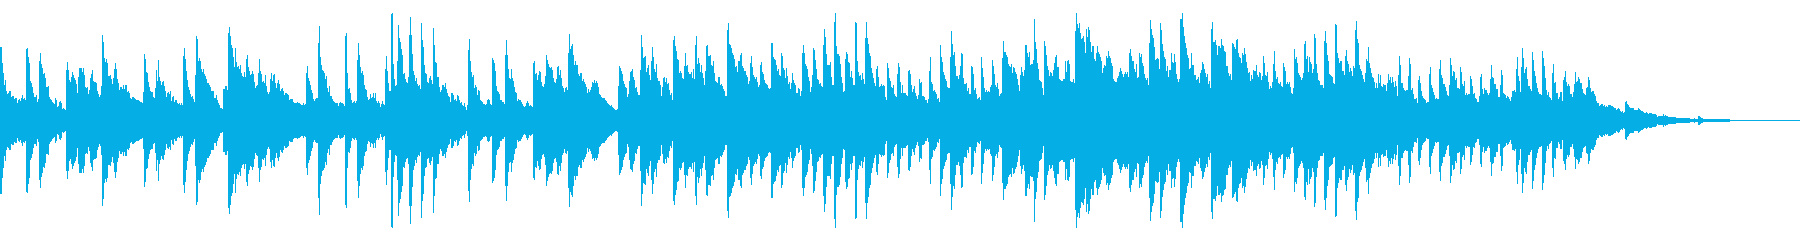 切ないけど希望もあるような3拍子のピアノの再生済みの波形